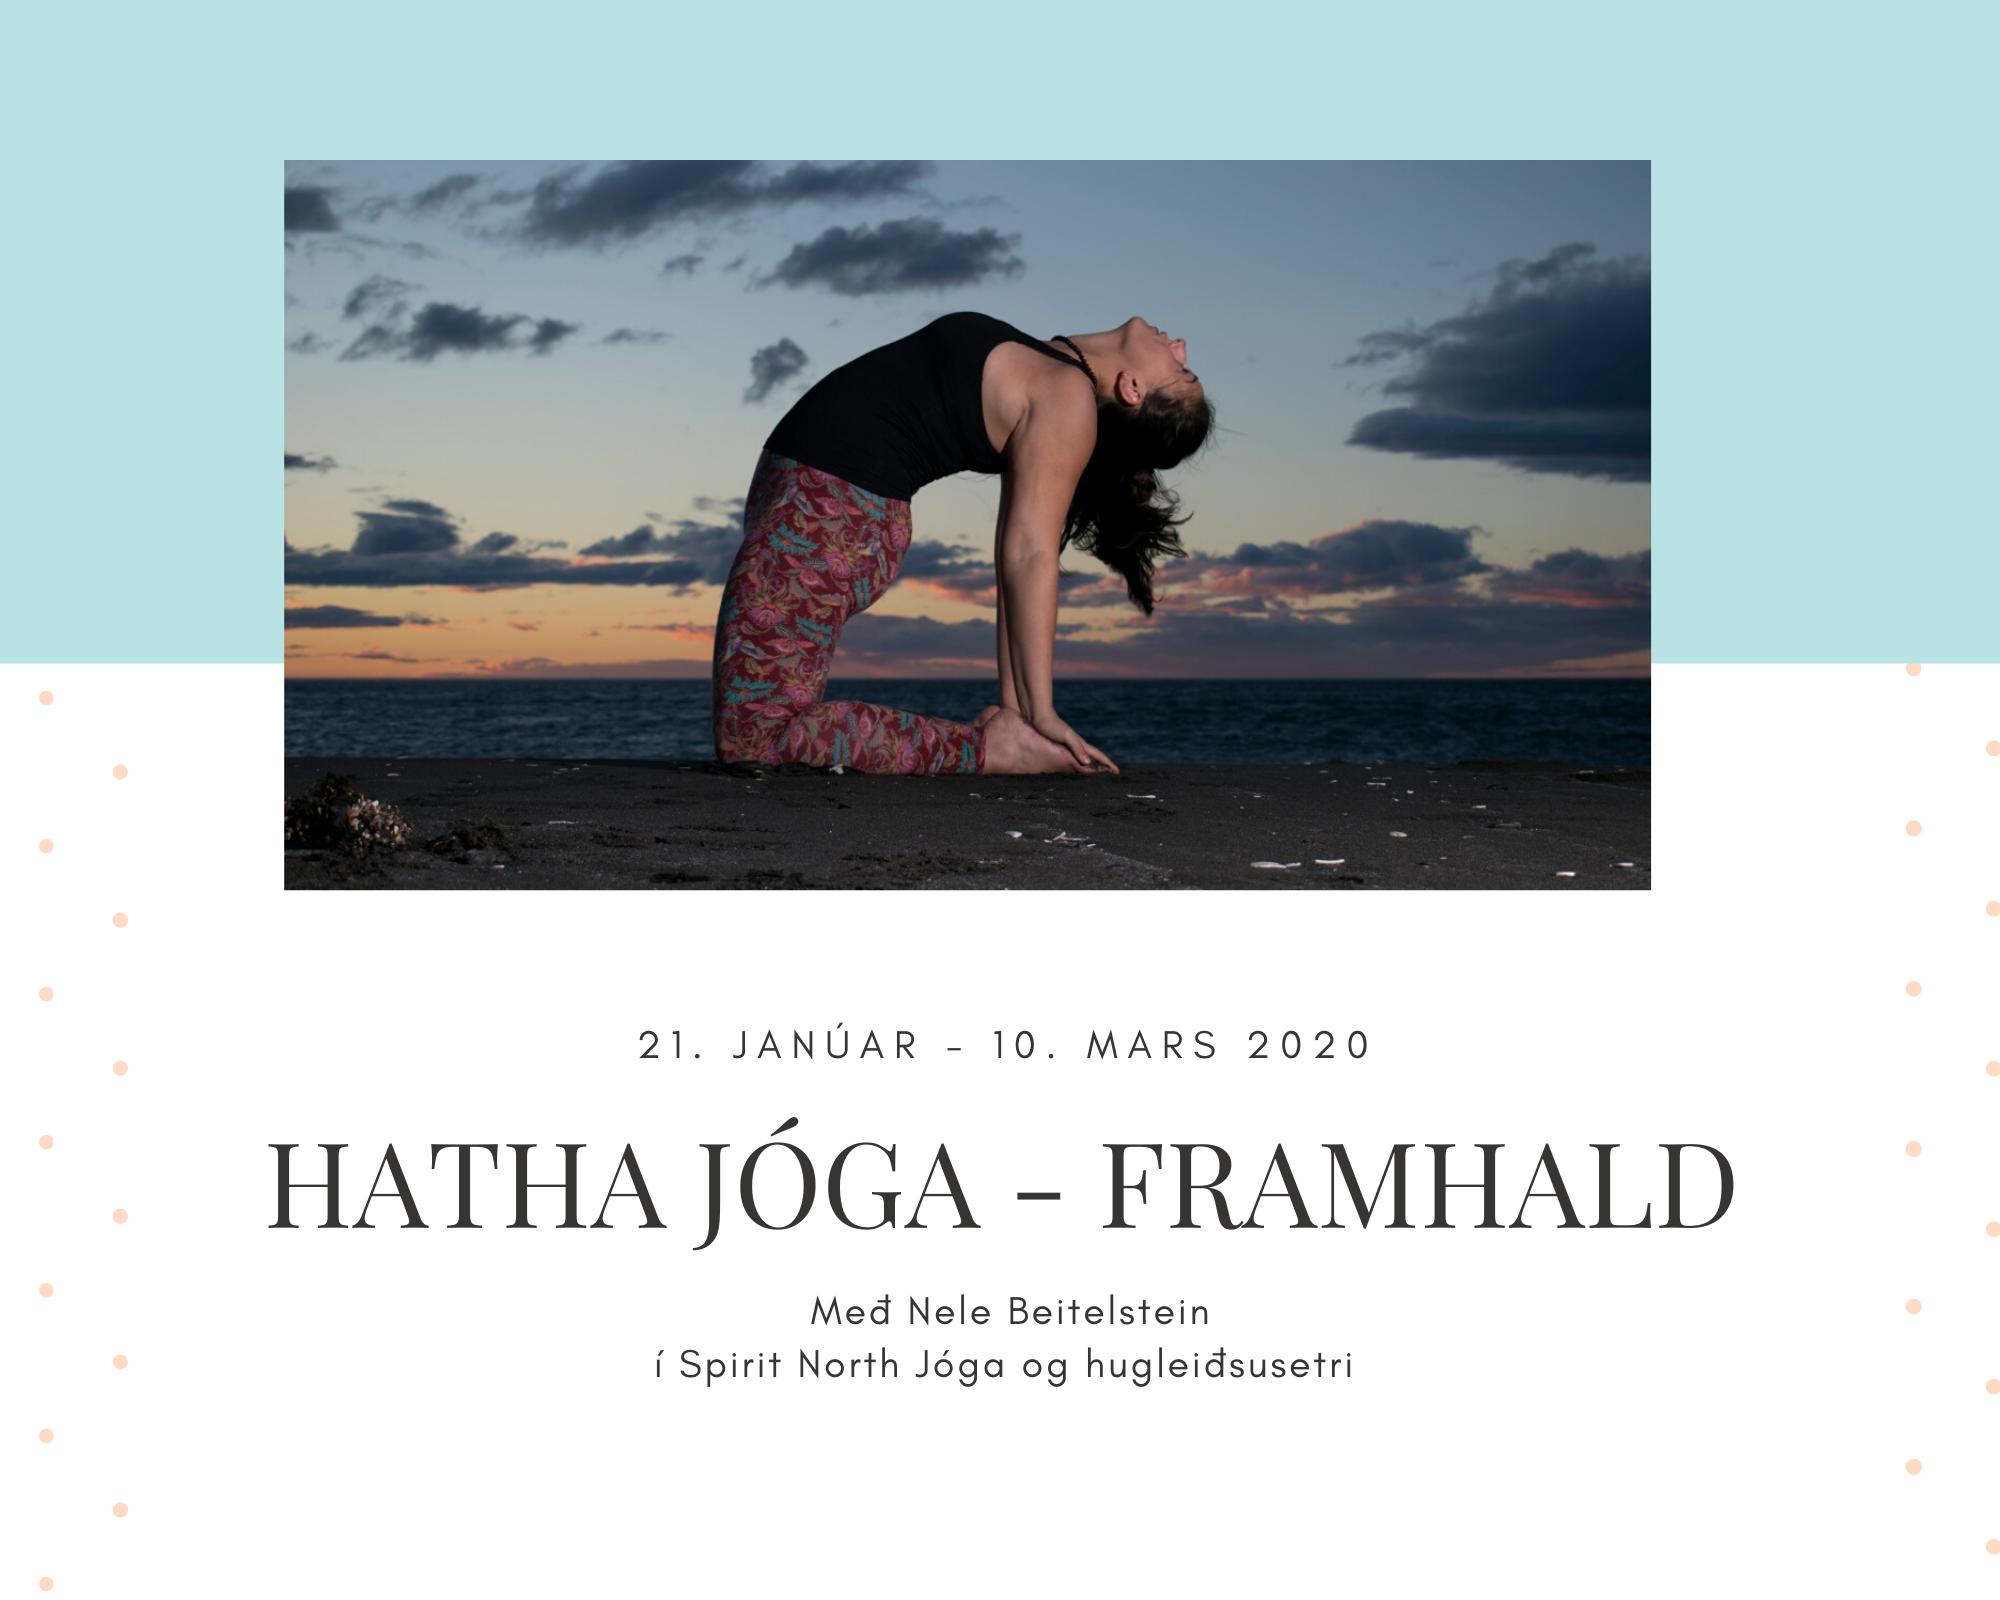 8 vikna Hatha jóga námskeið – framhaldsáfangi